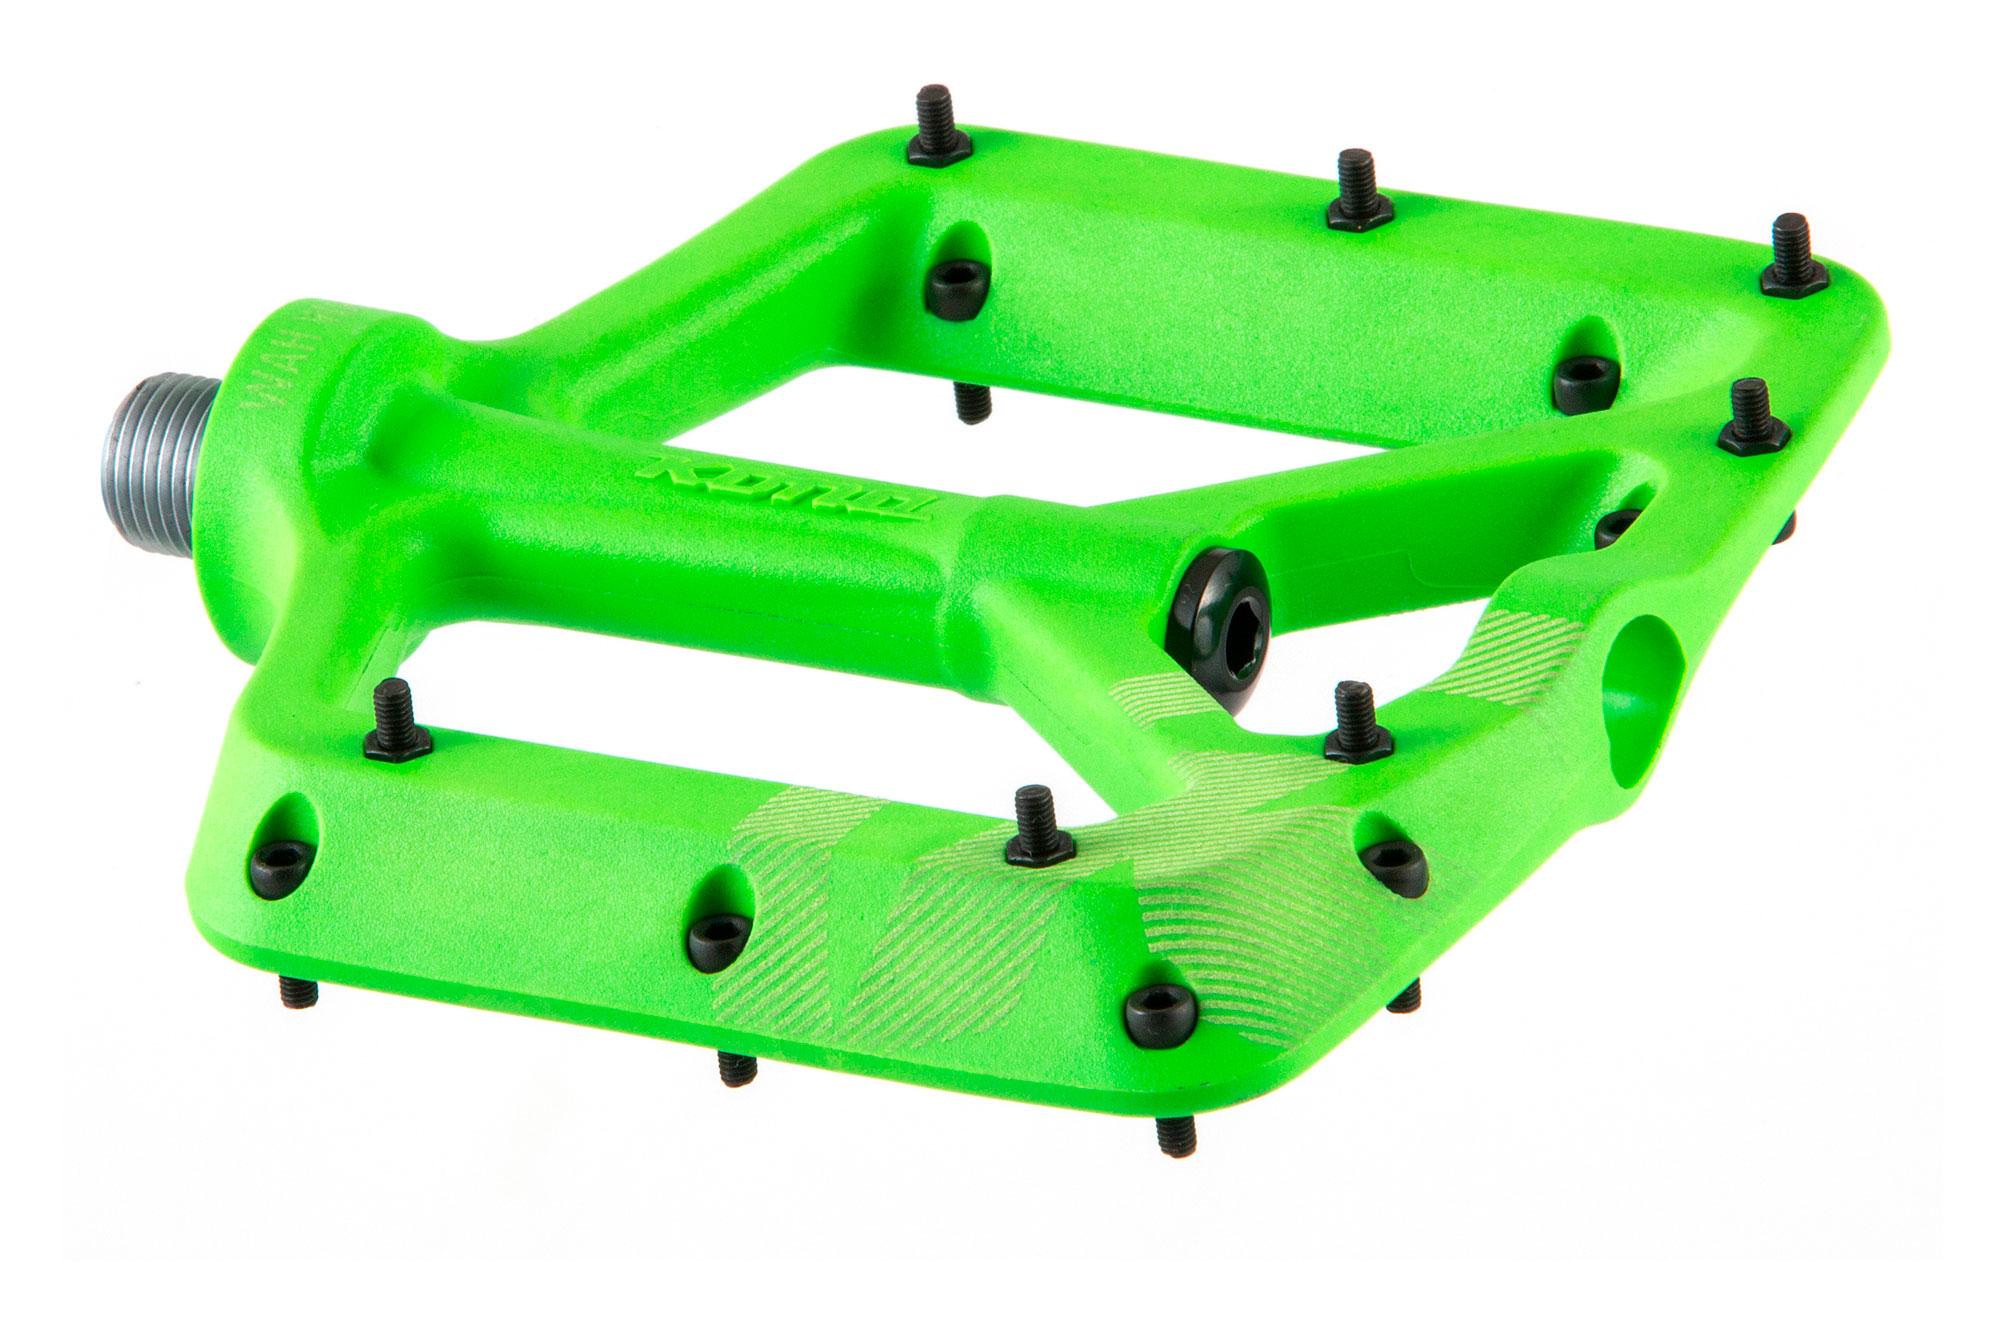 pedala kona wah wah 2  green